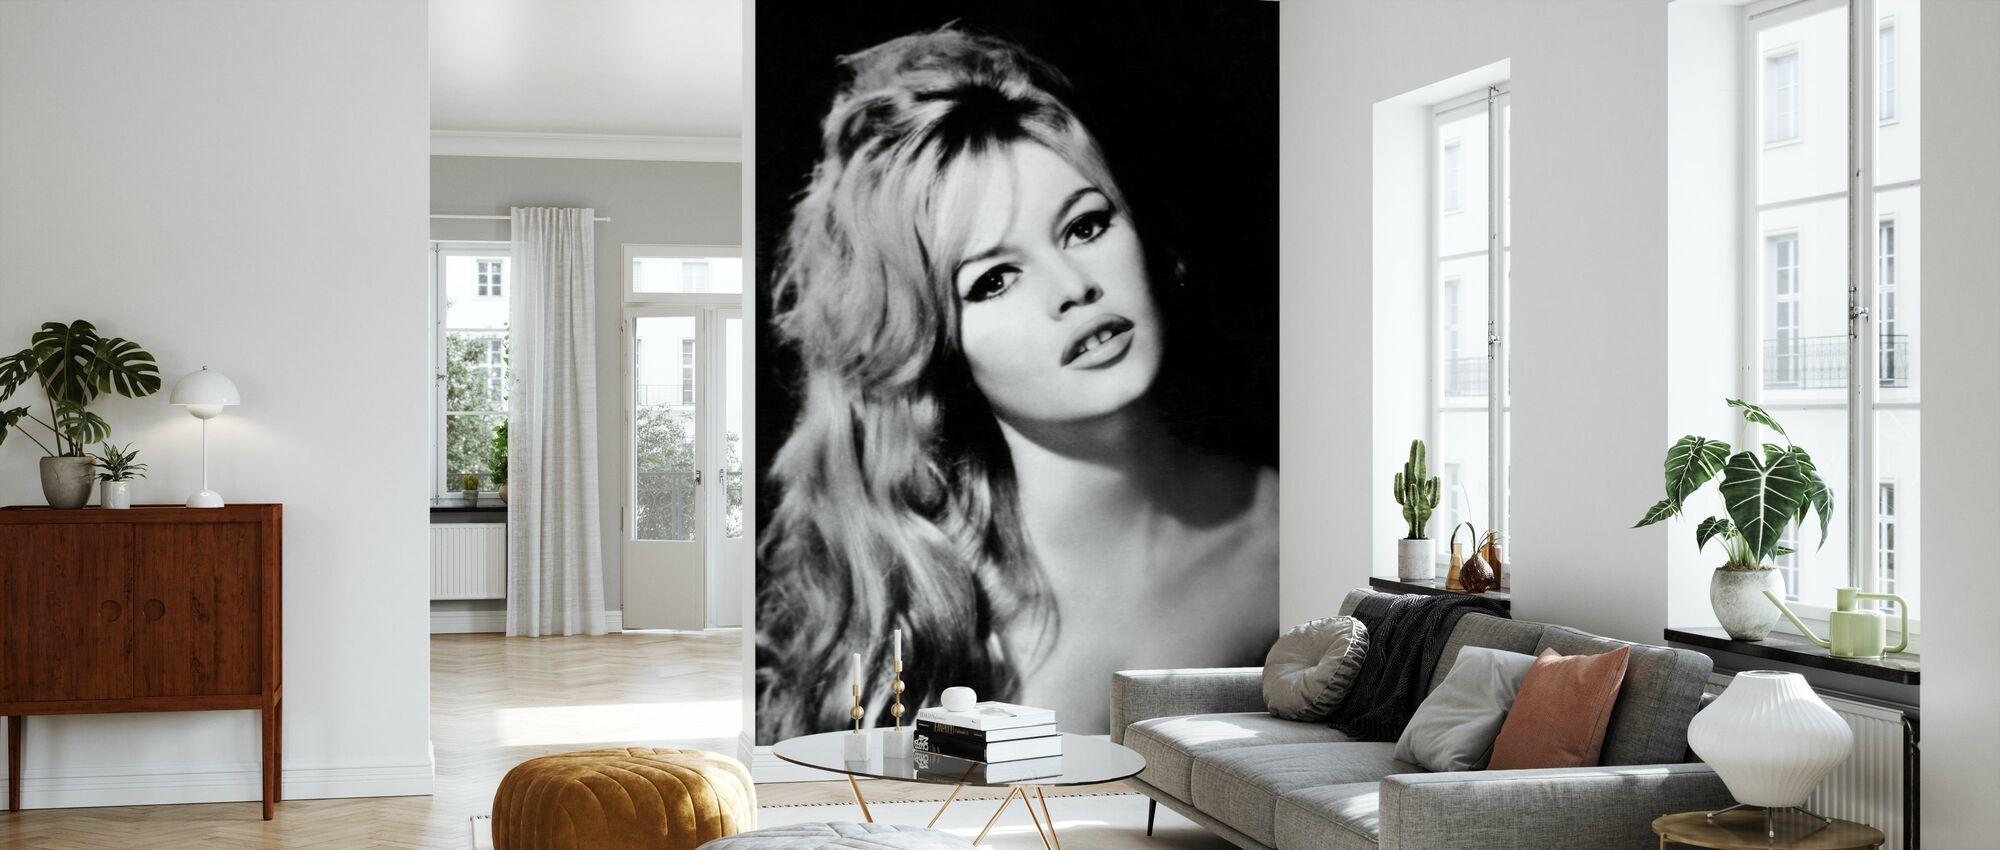 Brigitte Bardot in Contempt - Wallpaper - Living Room